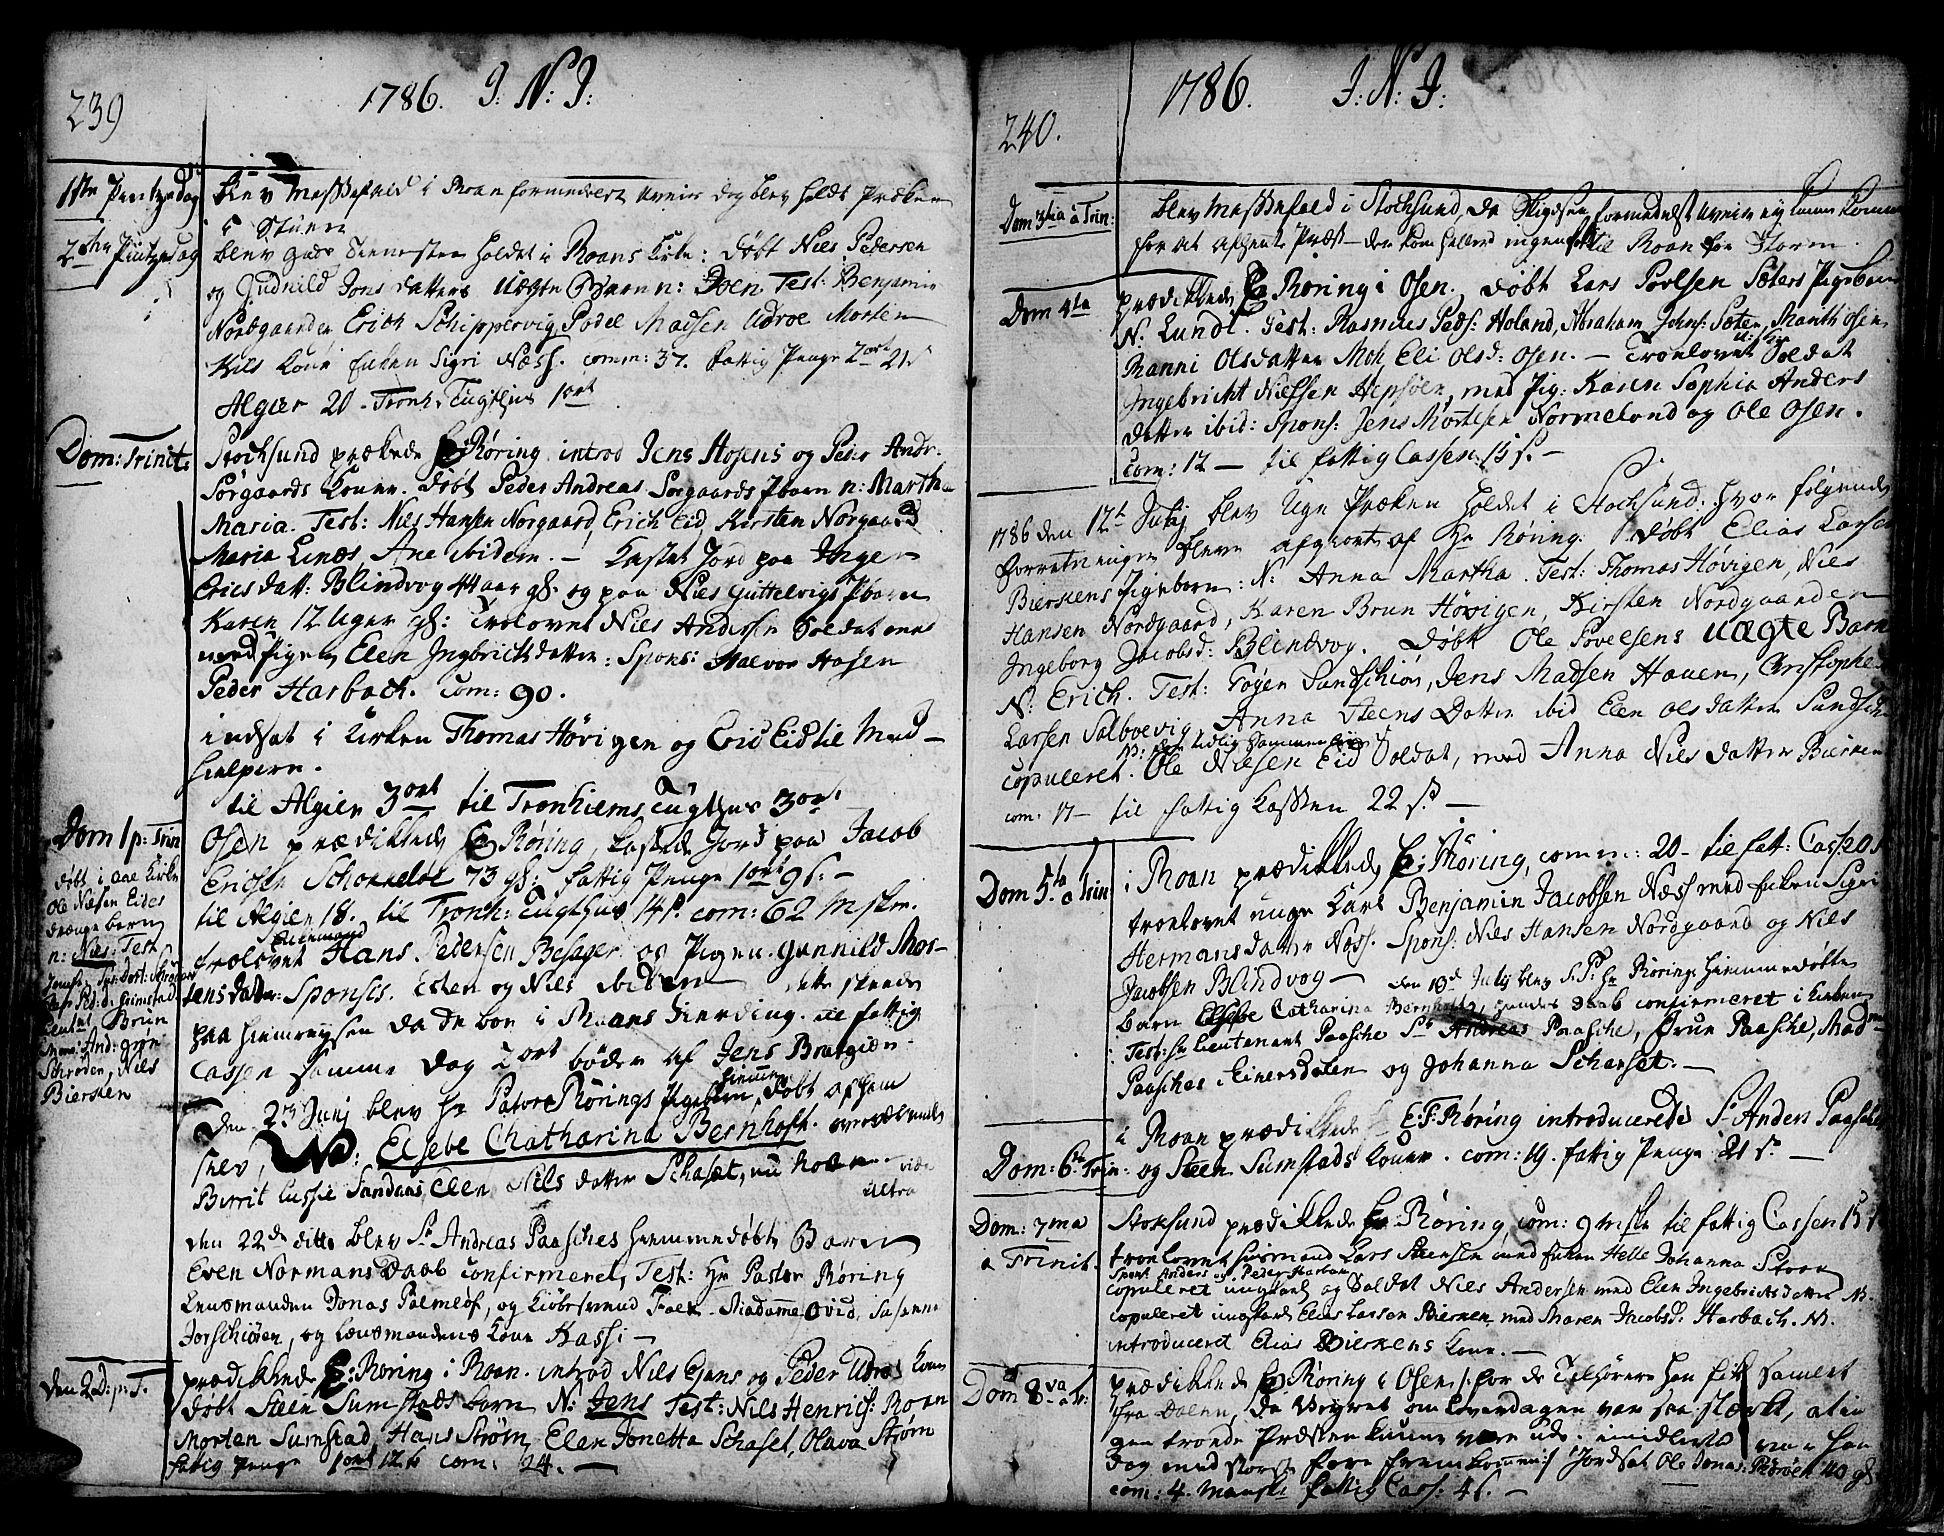 SAT, Ministerialprotokoller, klokkerbøker og fødselsregistre - Sør-Trøndelag, 657/L0700: Ministerialbok nr. 657A01, 1732-1801, s. 339-340